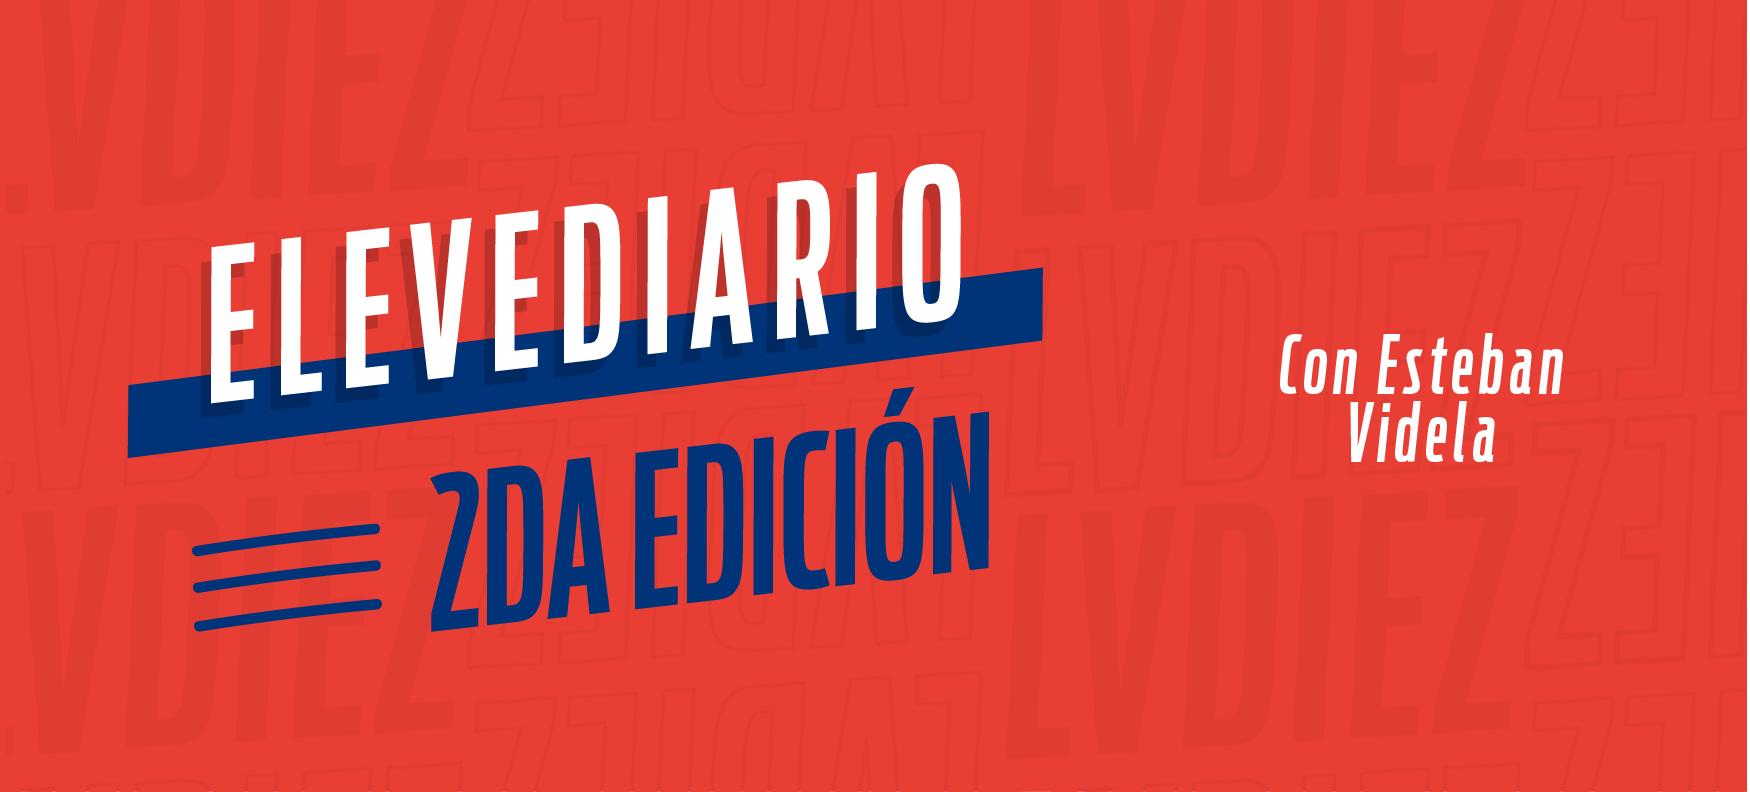 EleveDiario 2da Edición